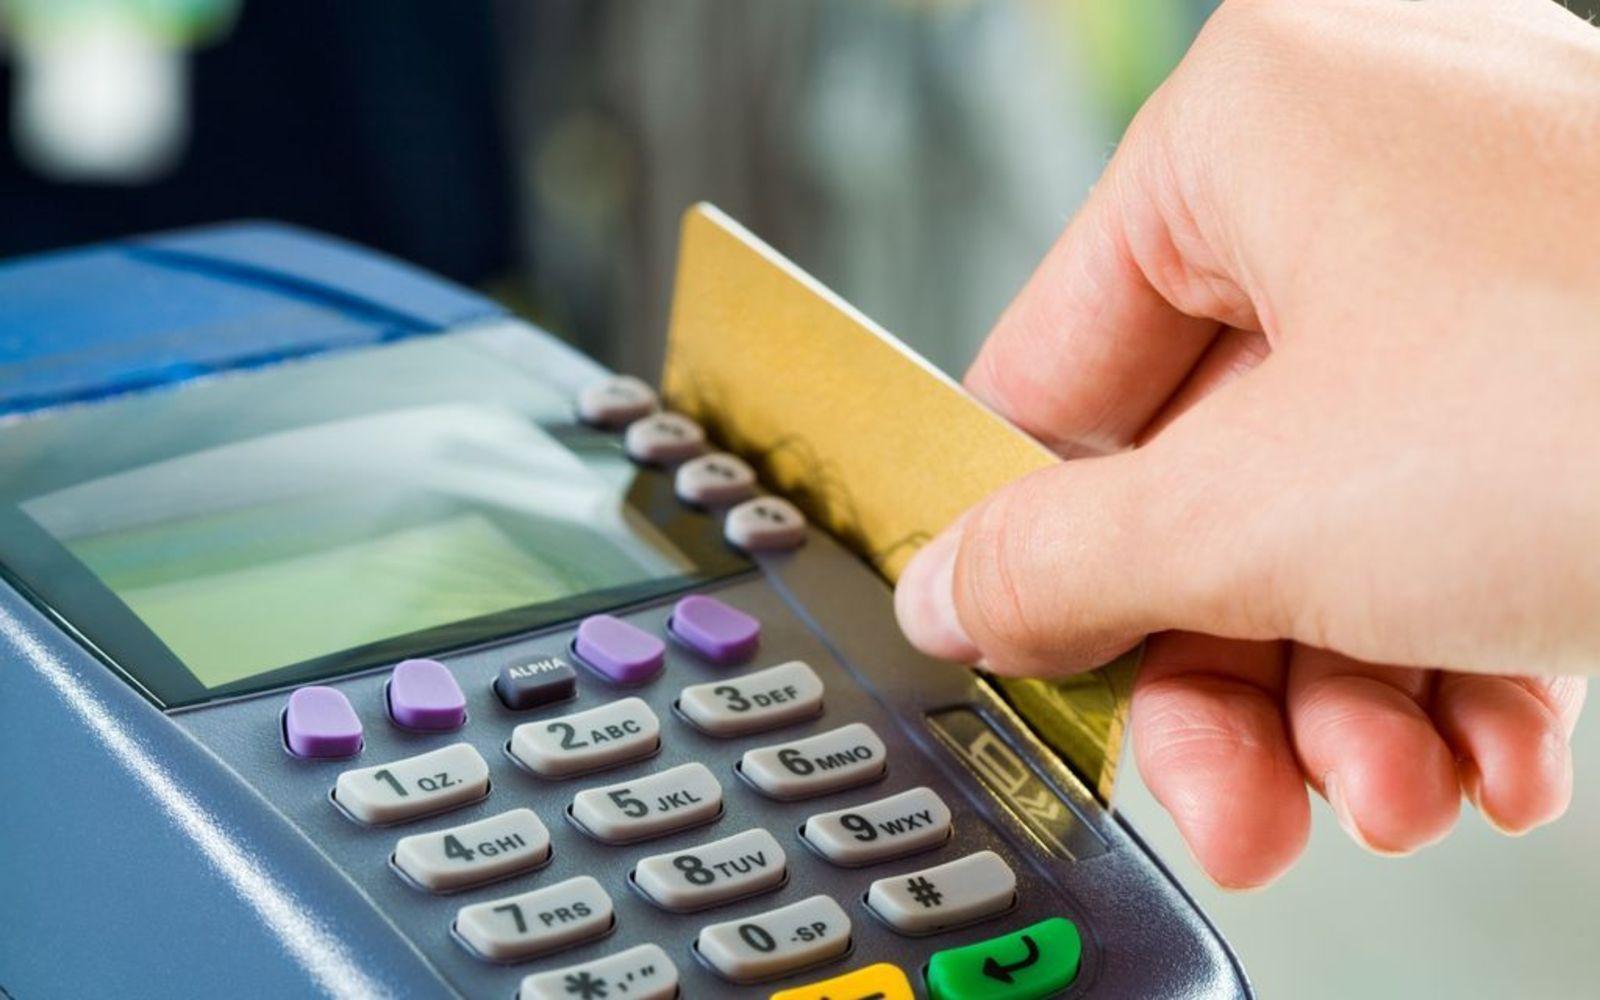 È reato utilizzare una carta bancomat altrui digitando le cifre del pin a caso